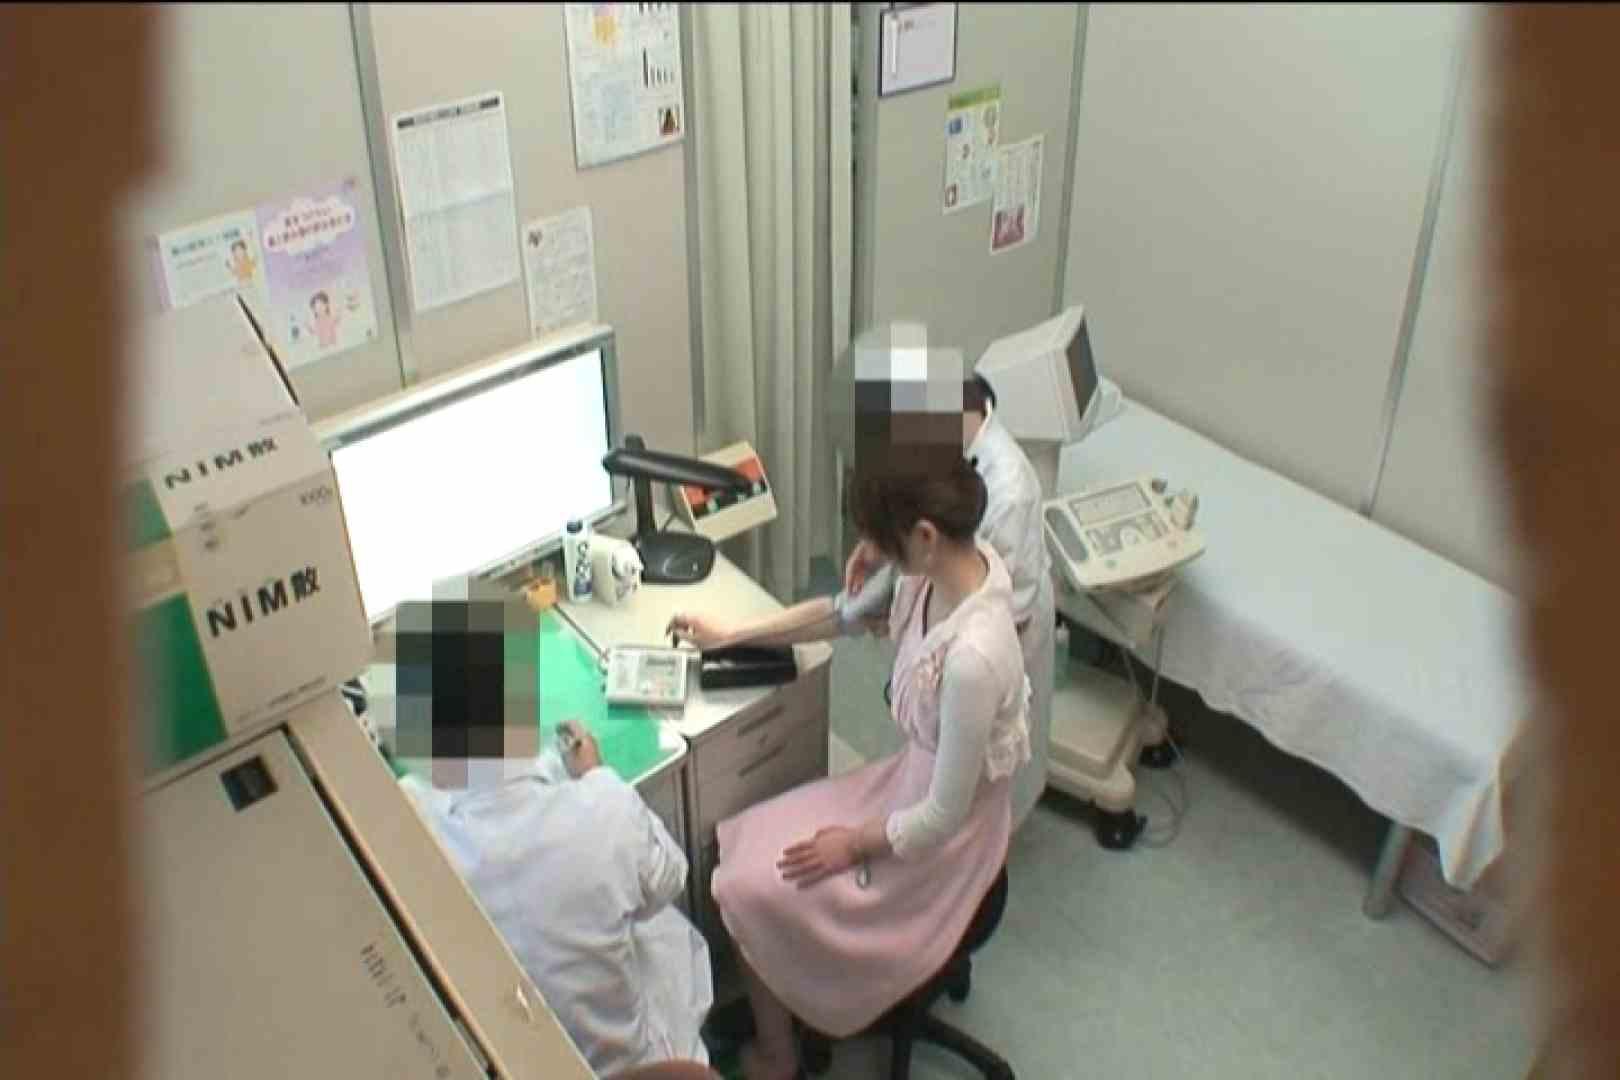 患者のおまんこをコレクションする変態医師の流出映像Vol.5 マンコ・ムレムレ | おまんこ  73pic 5